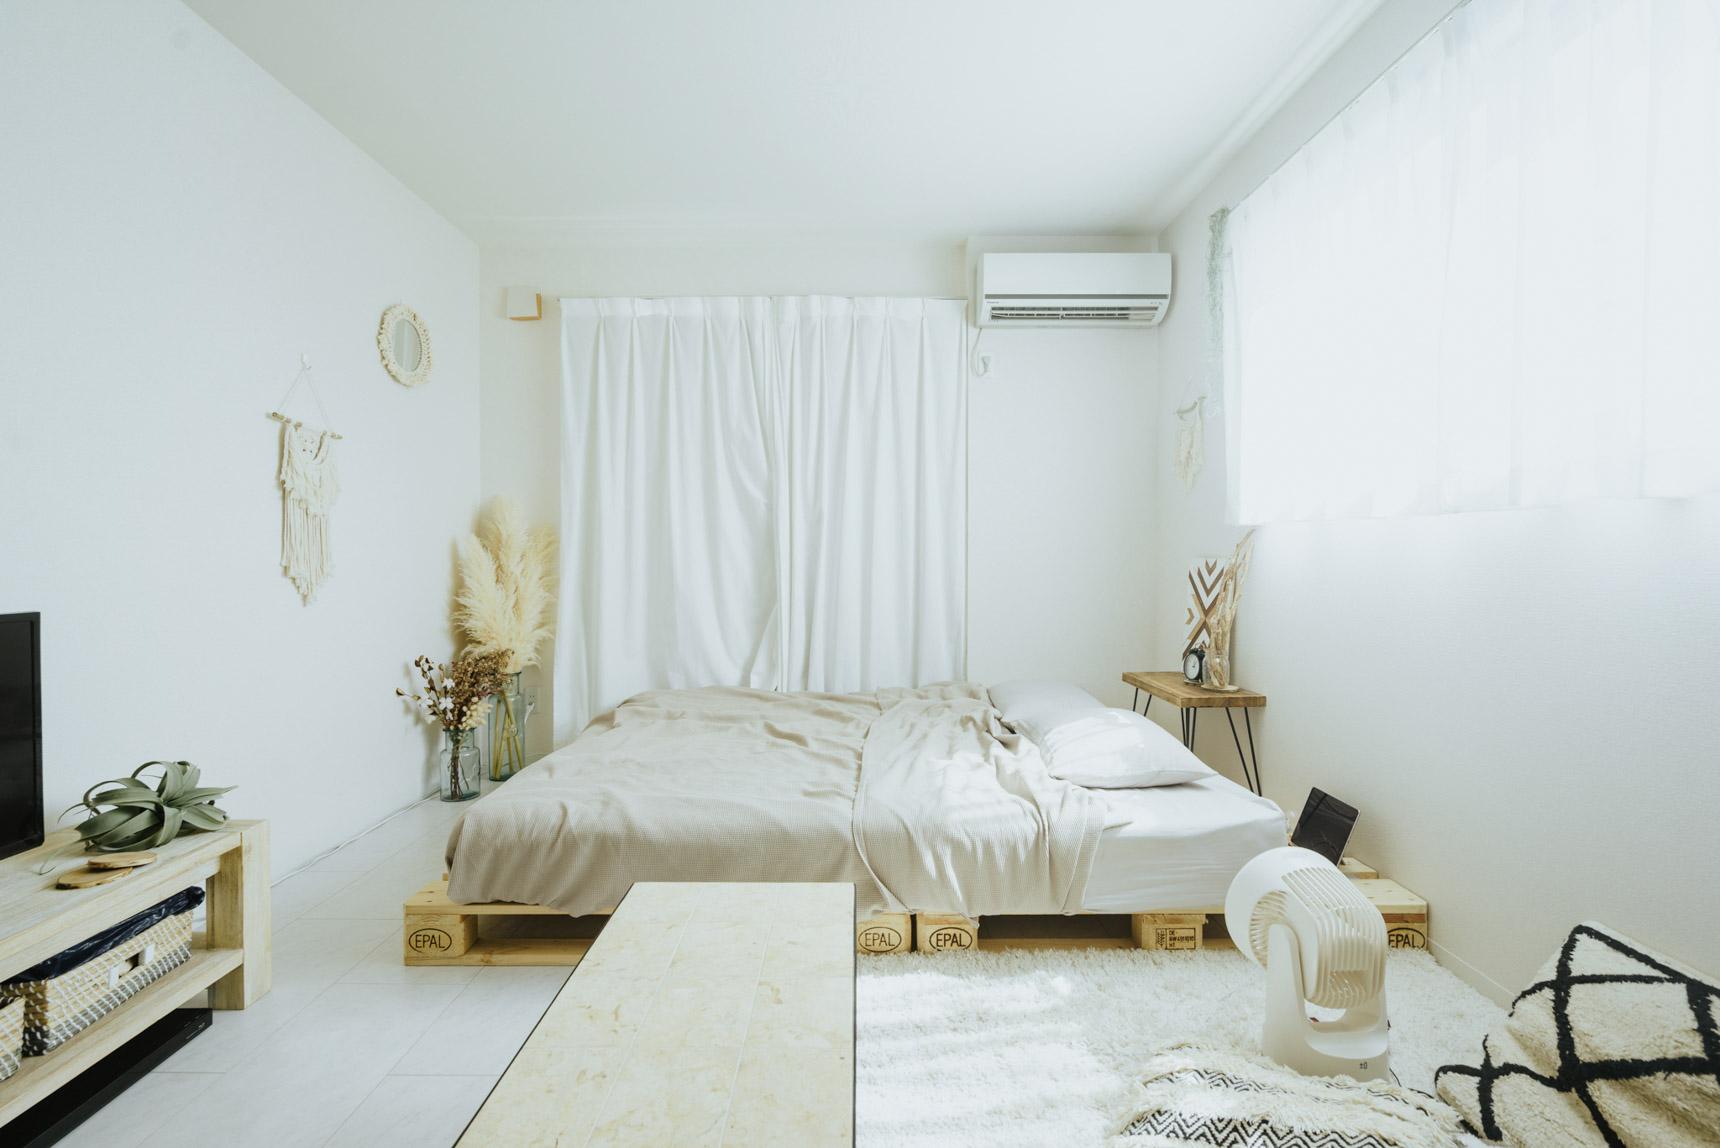 クイーンサイズの大きめベッドを置かれている実例。全体的に高さを抑え、圧迫感を感じません。こちらの記事もチェック